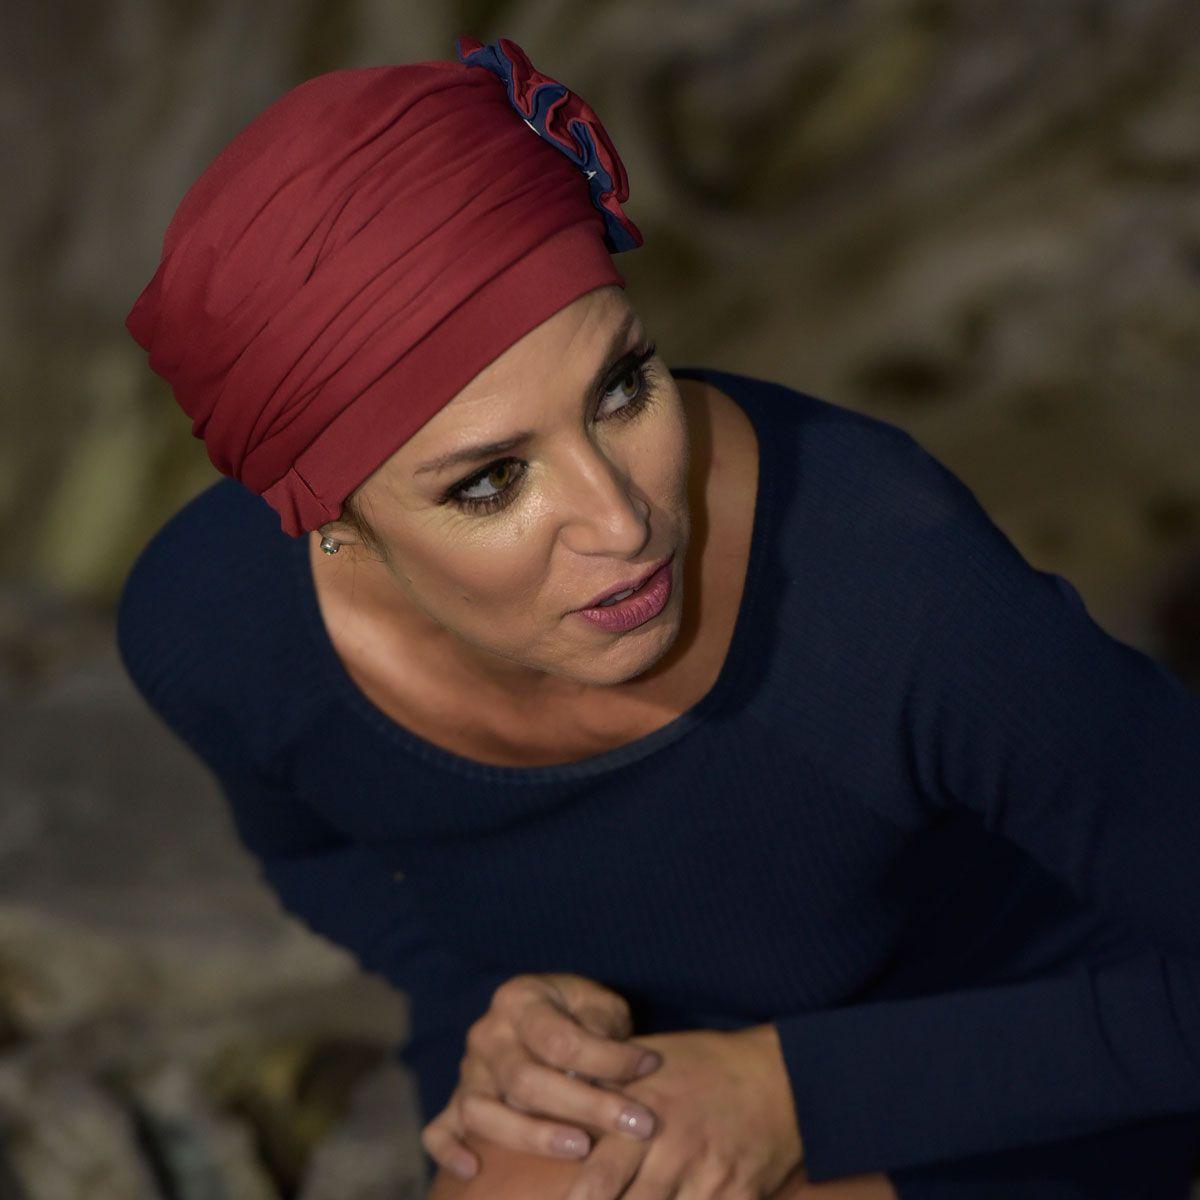 Turbante Feminino Fiore Cor Vinho com Marinho